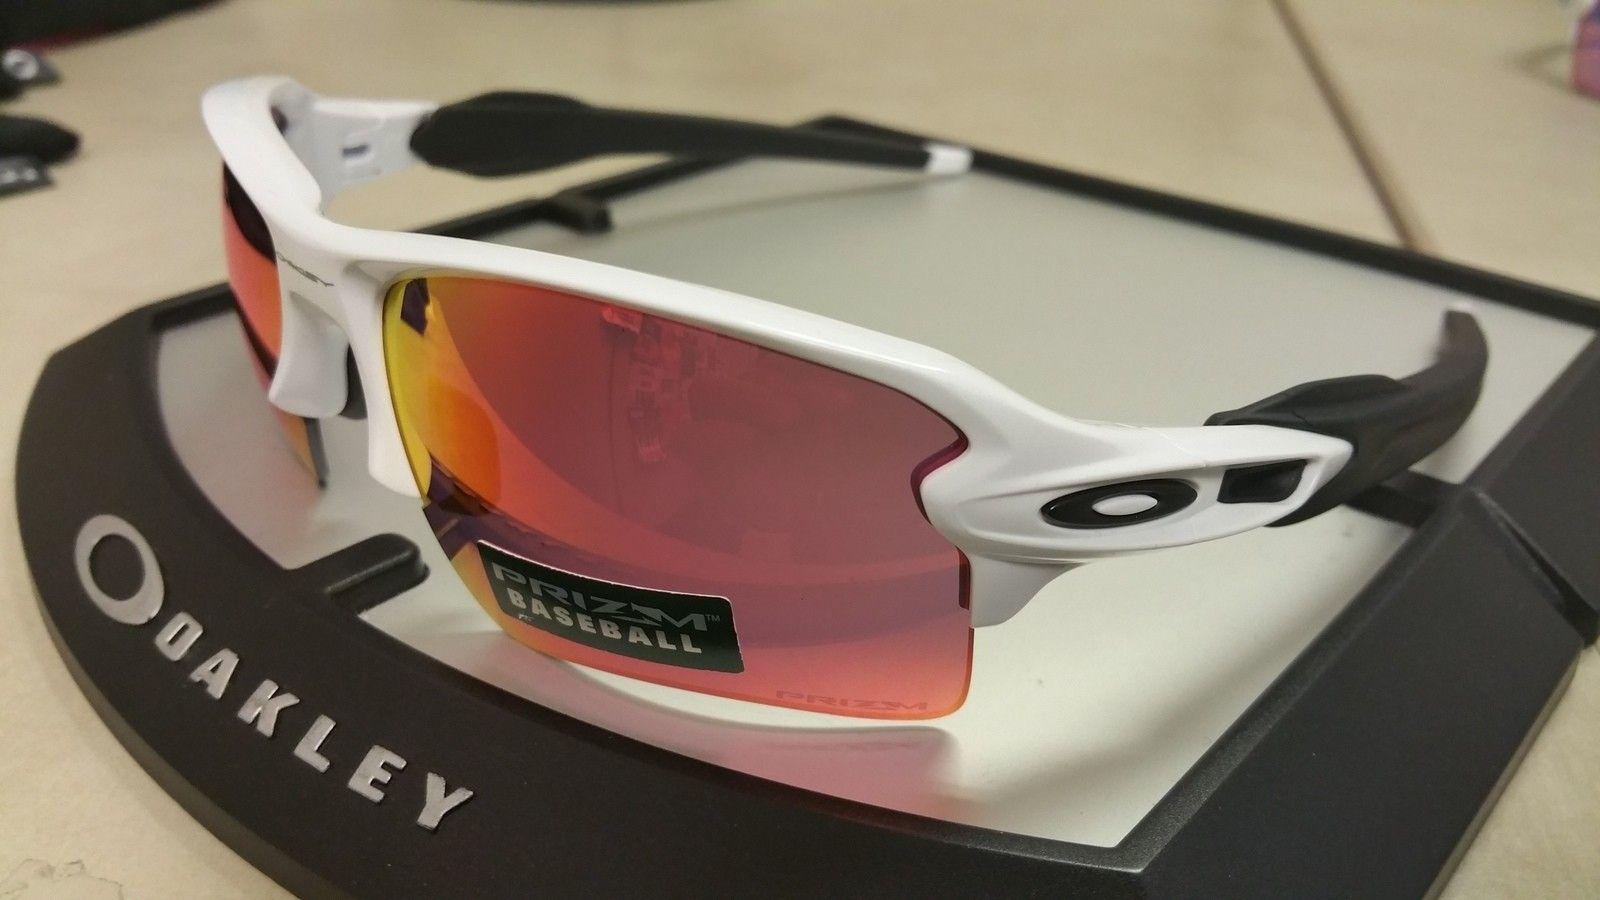 A few Prizm flak jacket 2.0 glasses for sale. - uploadfromtaptalk1438097082833.jpg